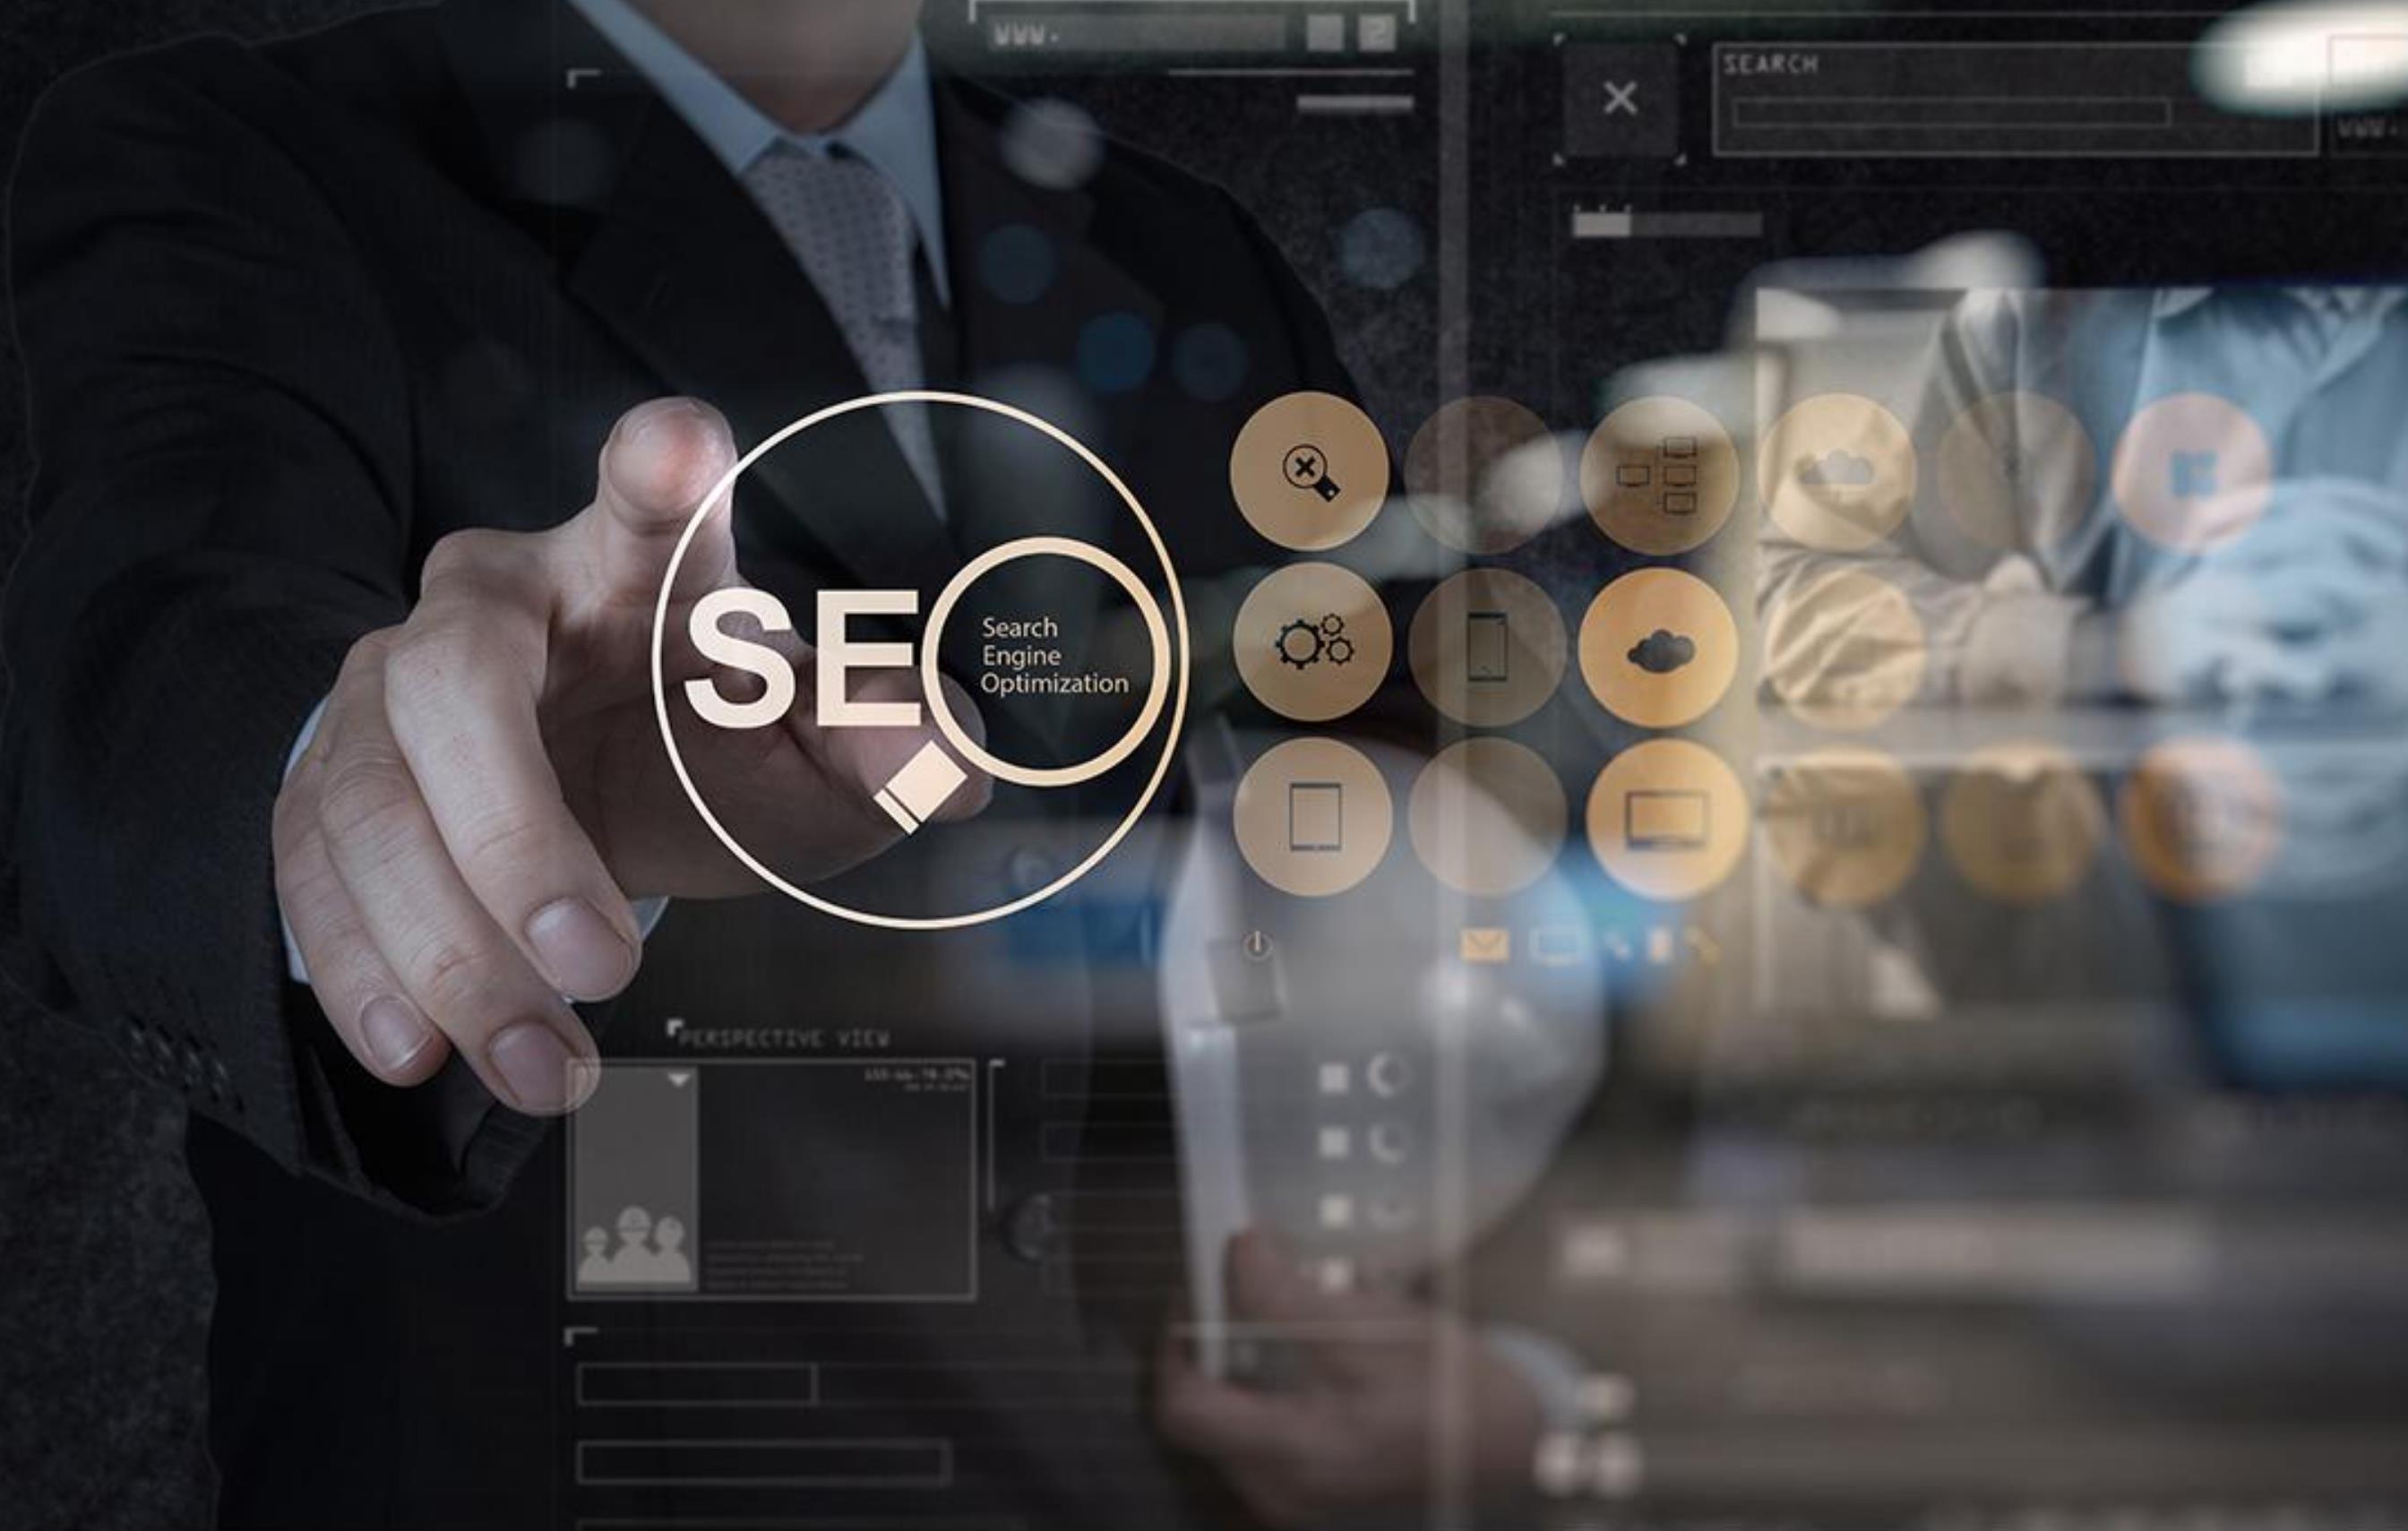 搜索引擎(SEO)的排名规则是什么